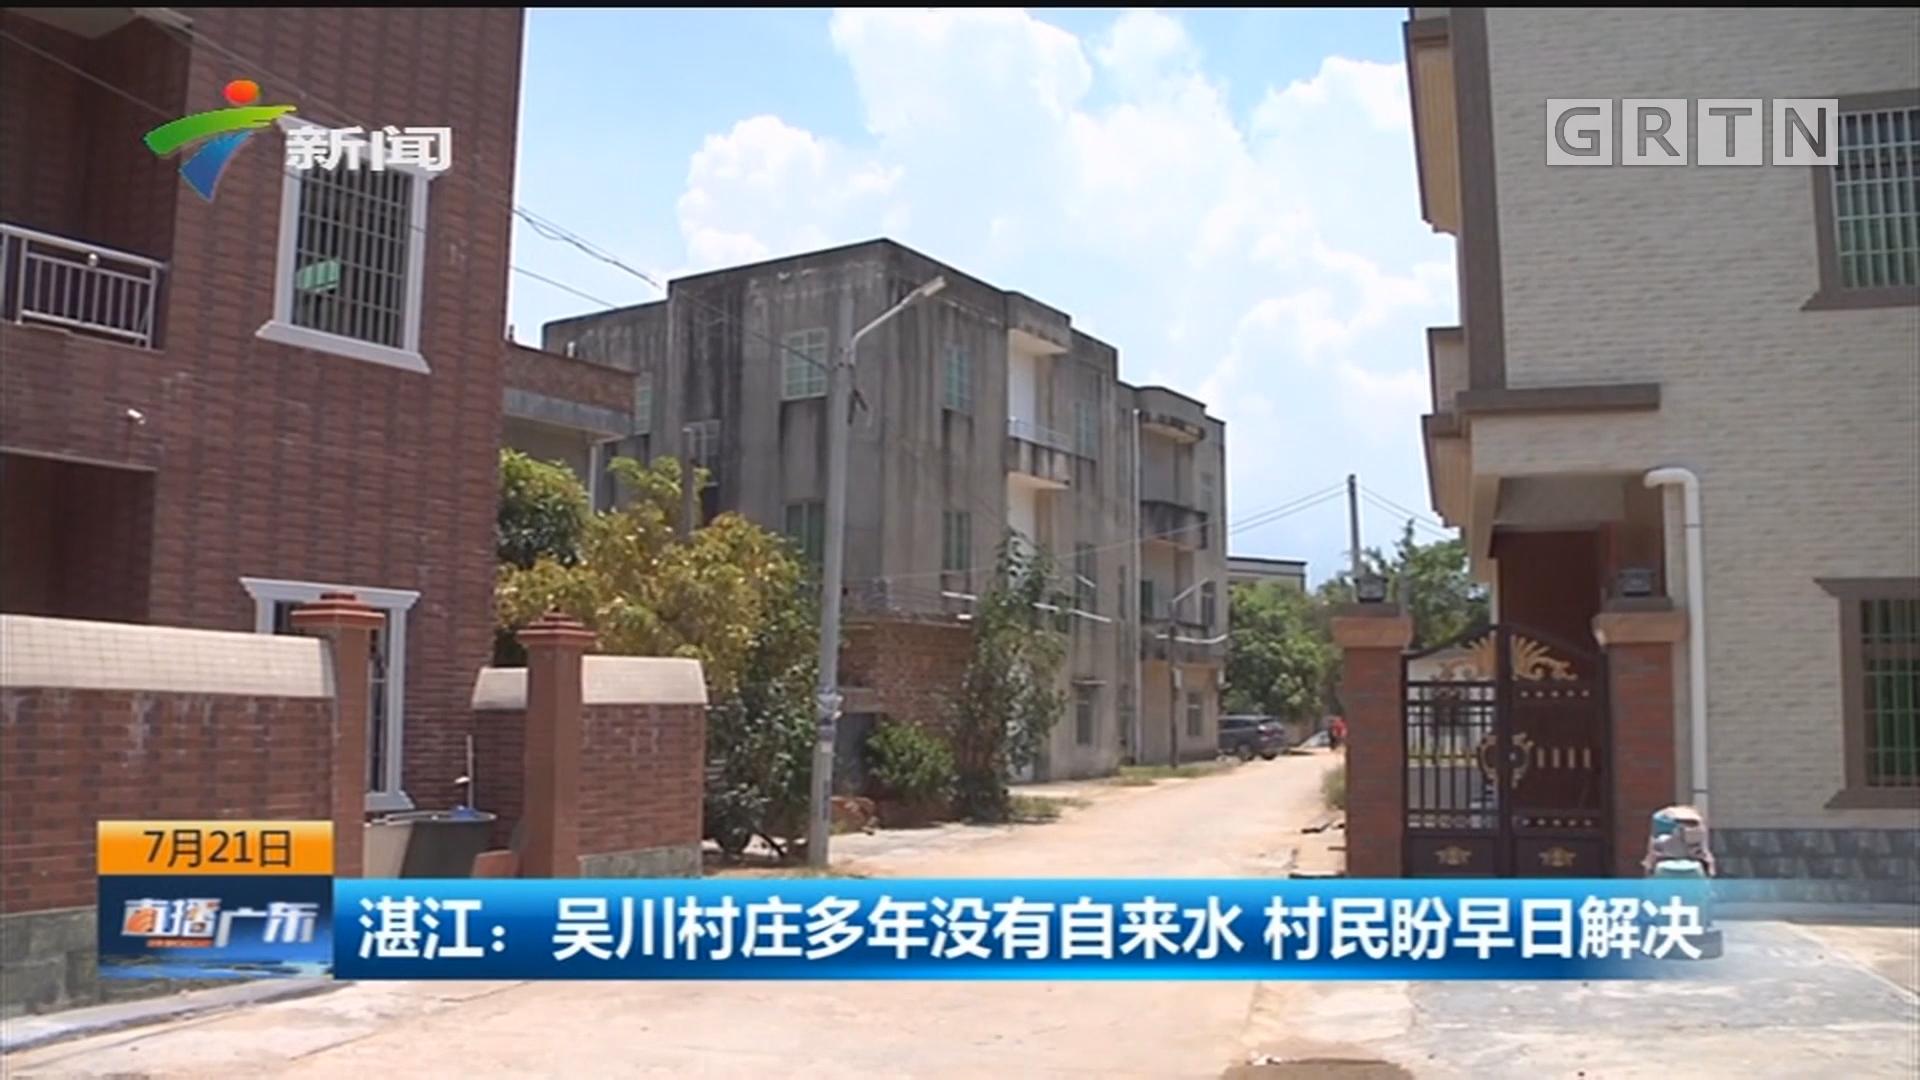 湛江:吴川村庄多年没有自来水 村民盼早日解决